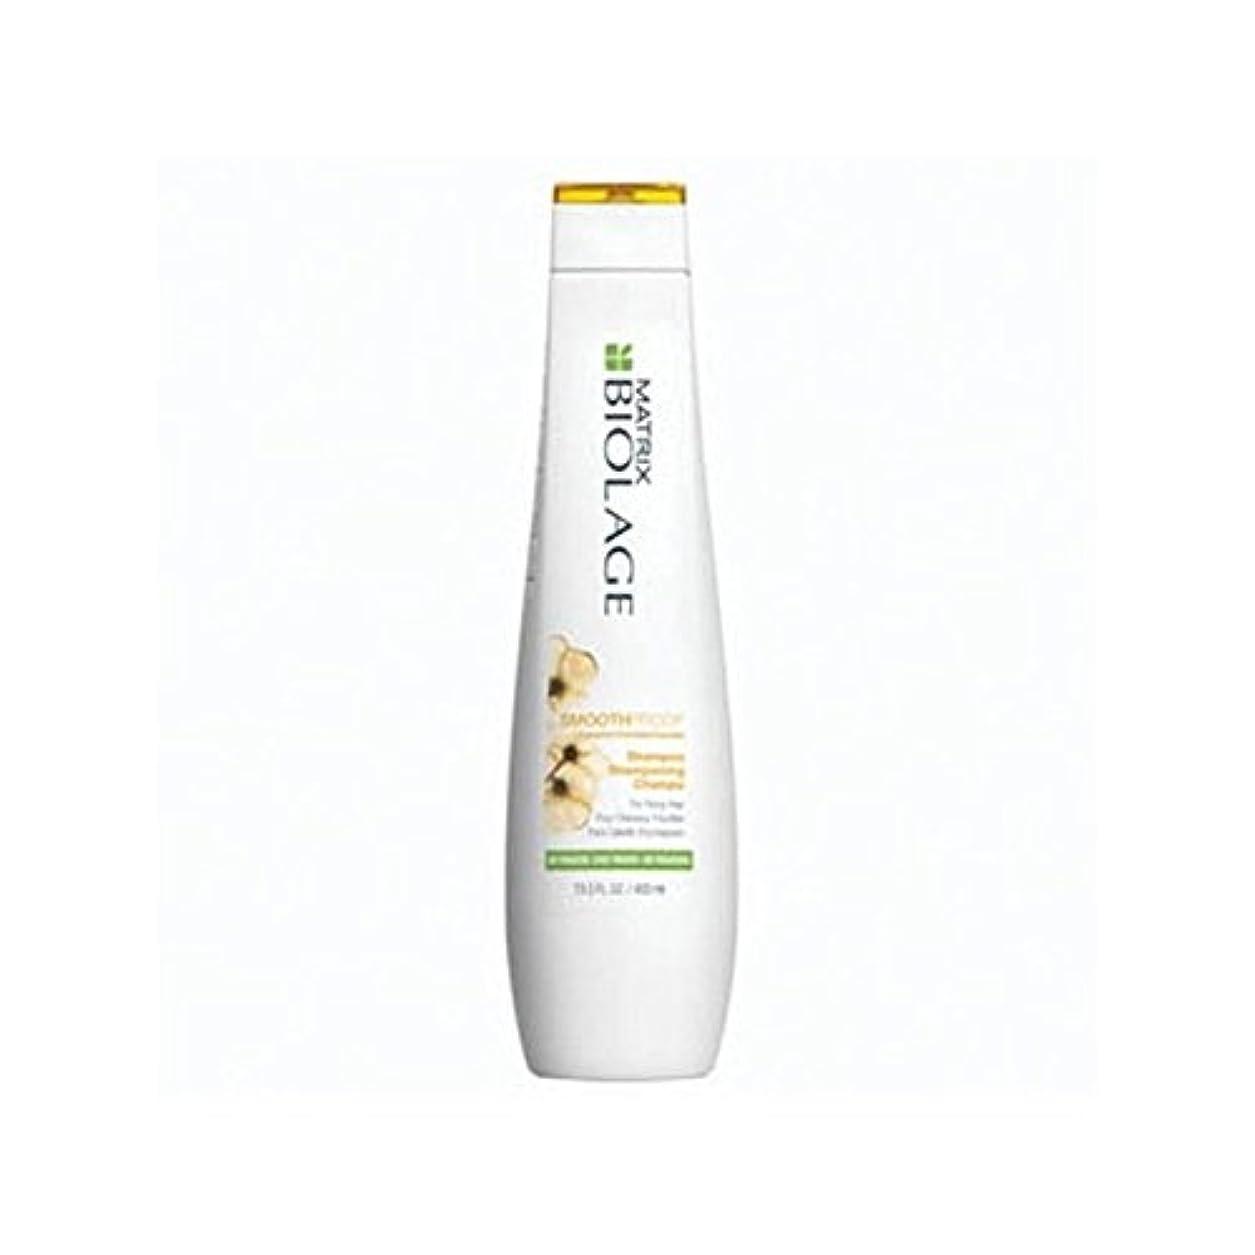 忙しい履歴書溝Matrix Biolage Smoothproof Shampoo (400ml) (Pack of 6) - マトリックスバイオレイジのシャンプー(400ミリリットル) x6 [並行輸入品]